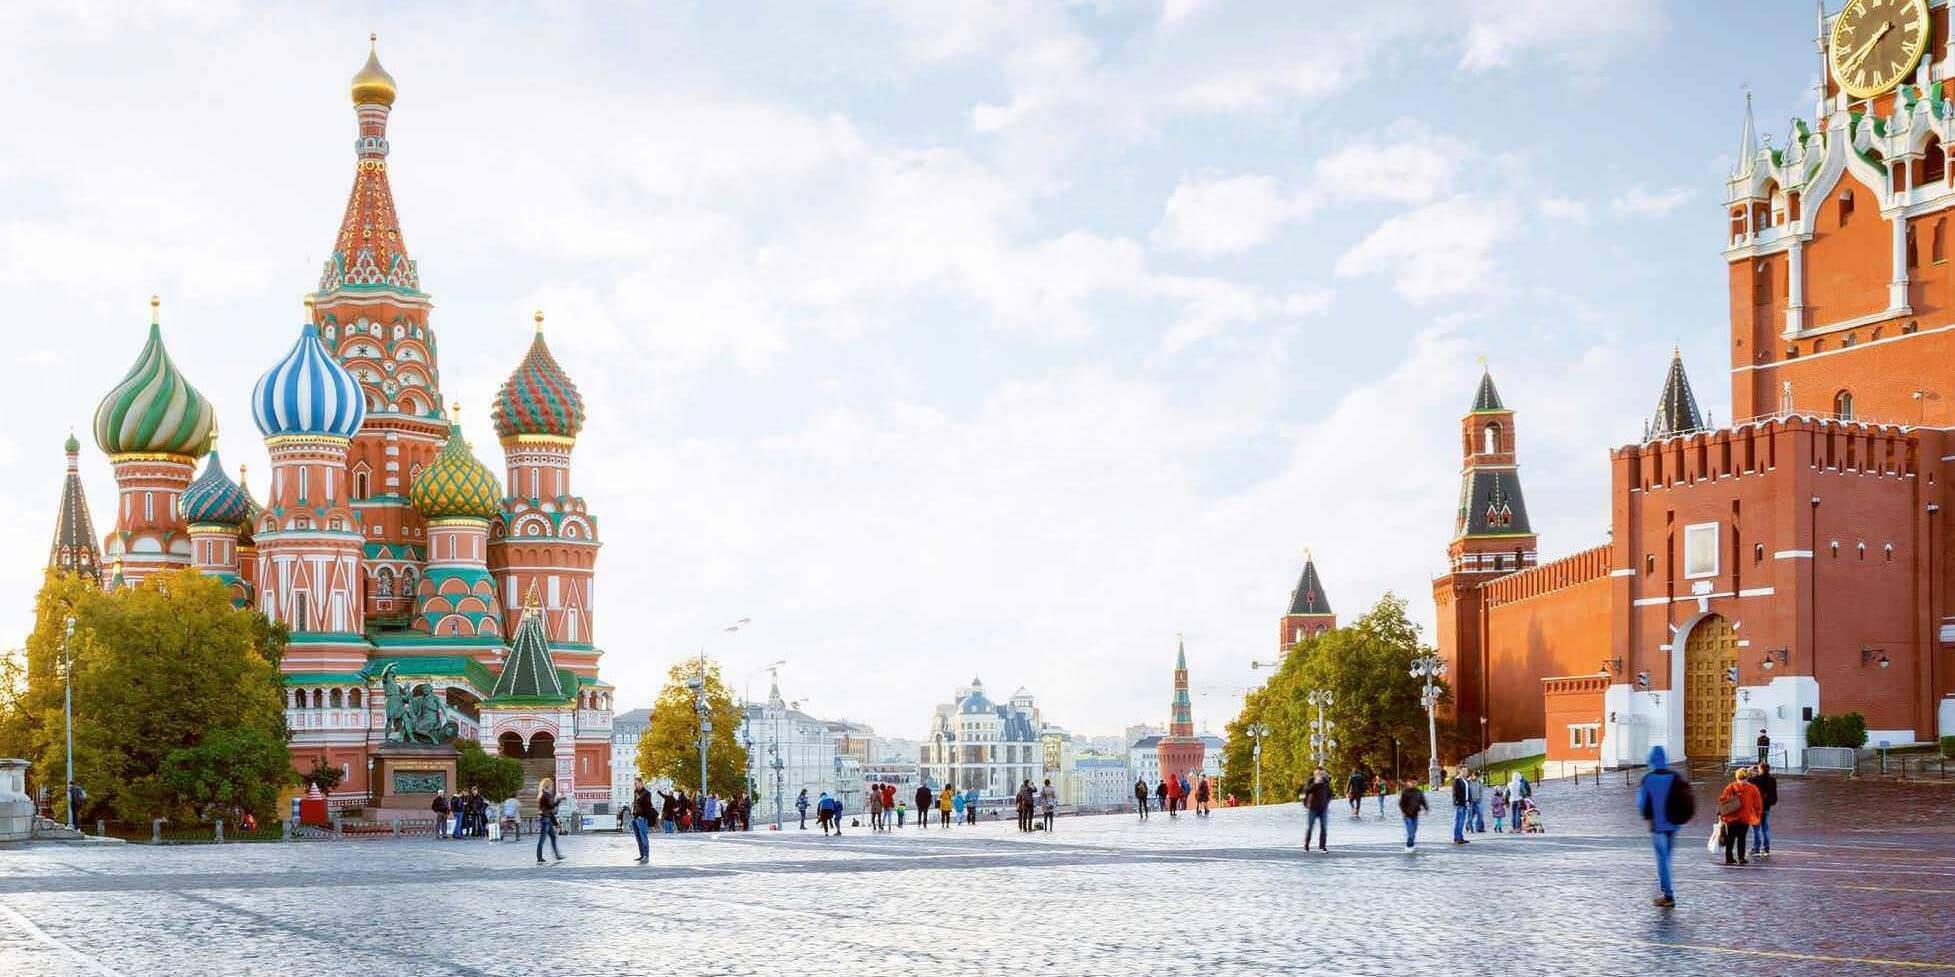 俄罗斯颁布指令:红场和克里姆林宫上空禁飞无人机